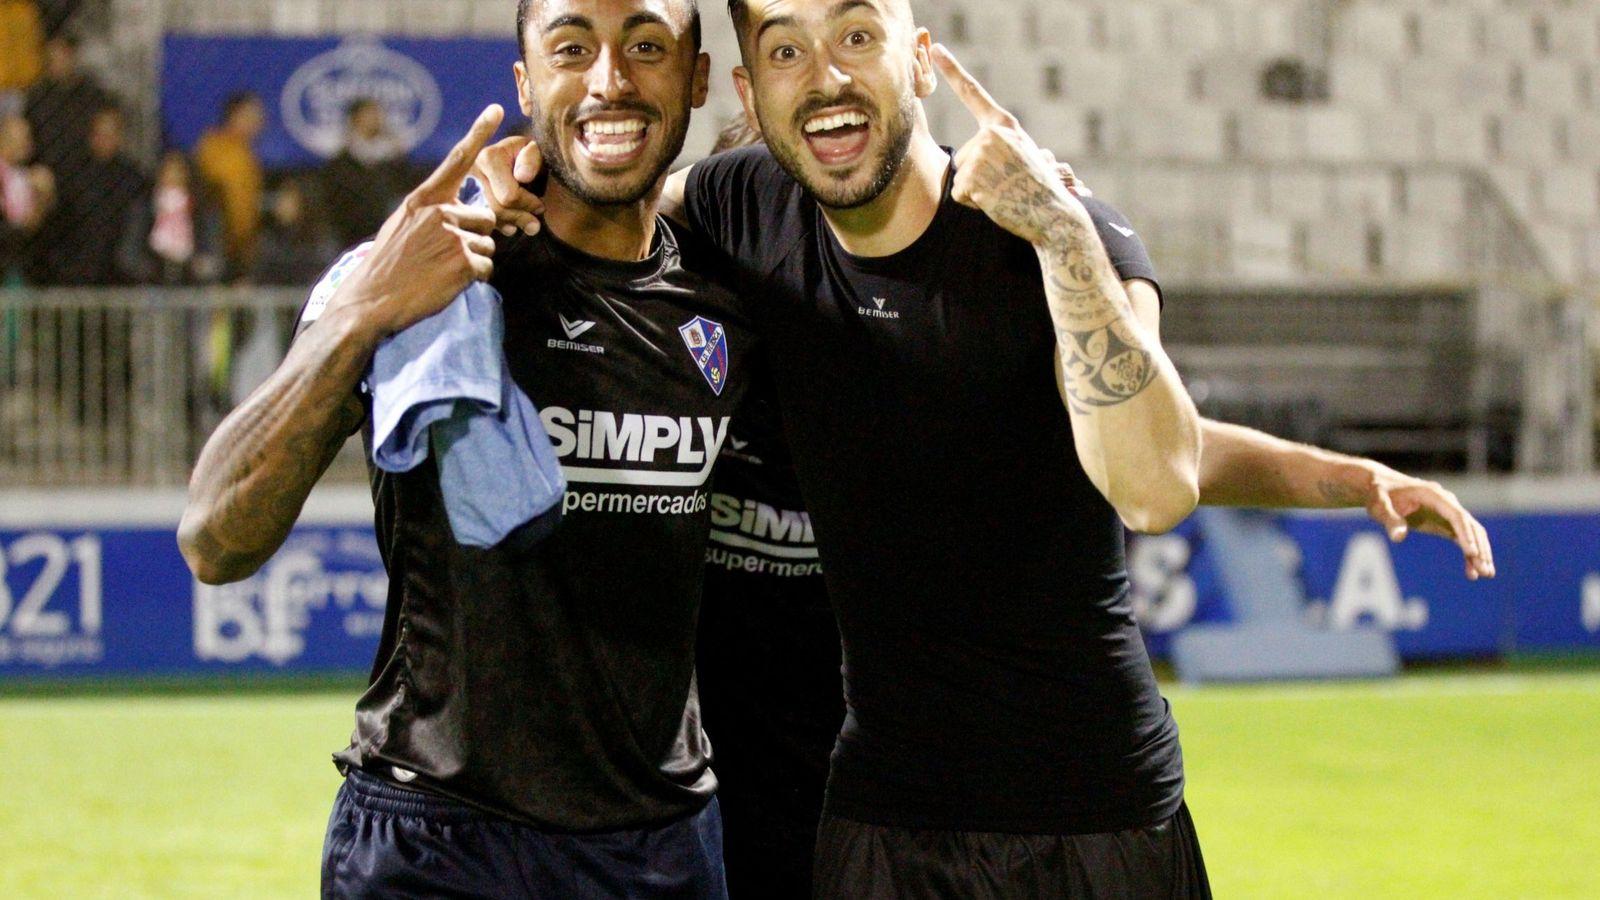 Foto: Los jugadores del Huesca, Carlos Akapo y Álvaro Vadillo, celebran el ascenso a Primera división tras ganar en Lugo. (EFE)